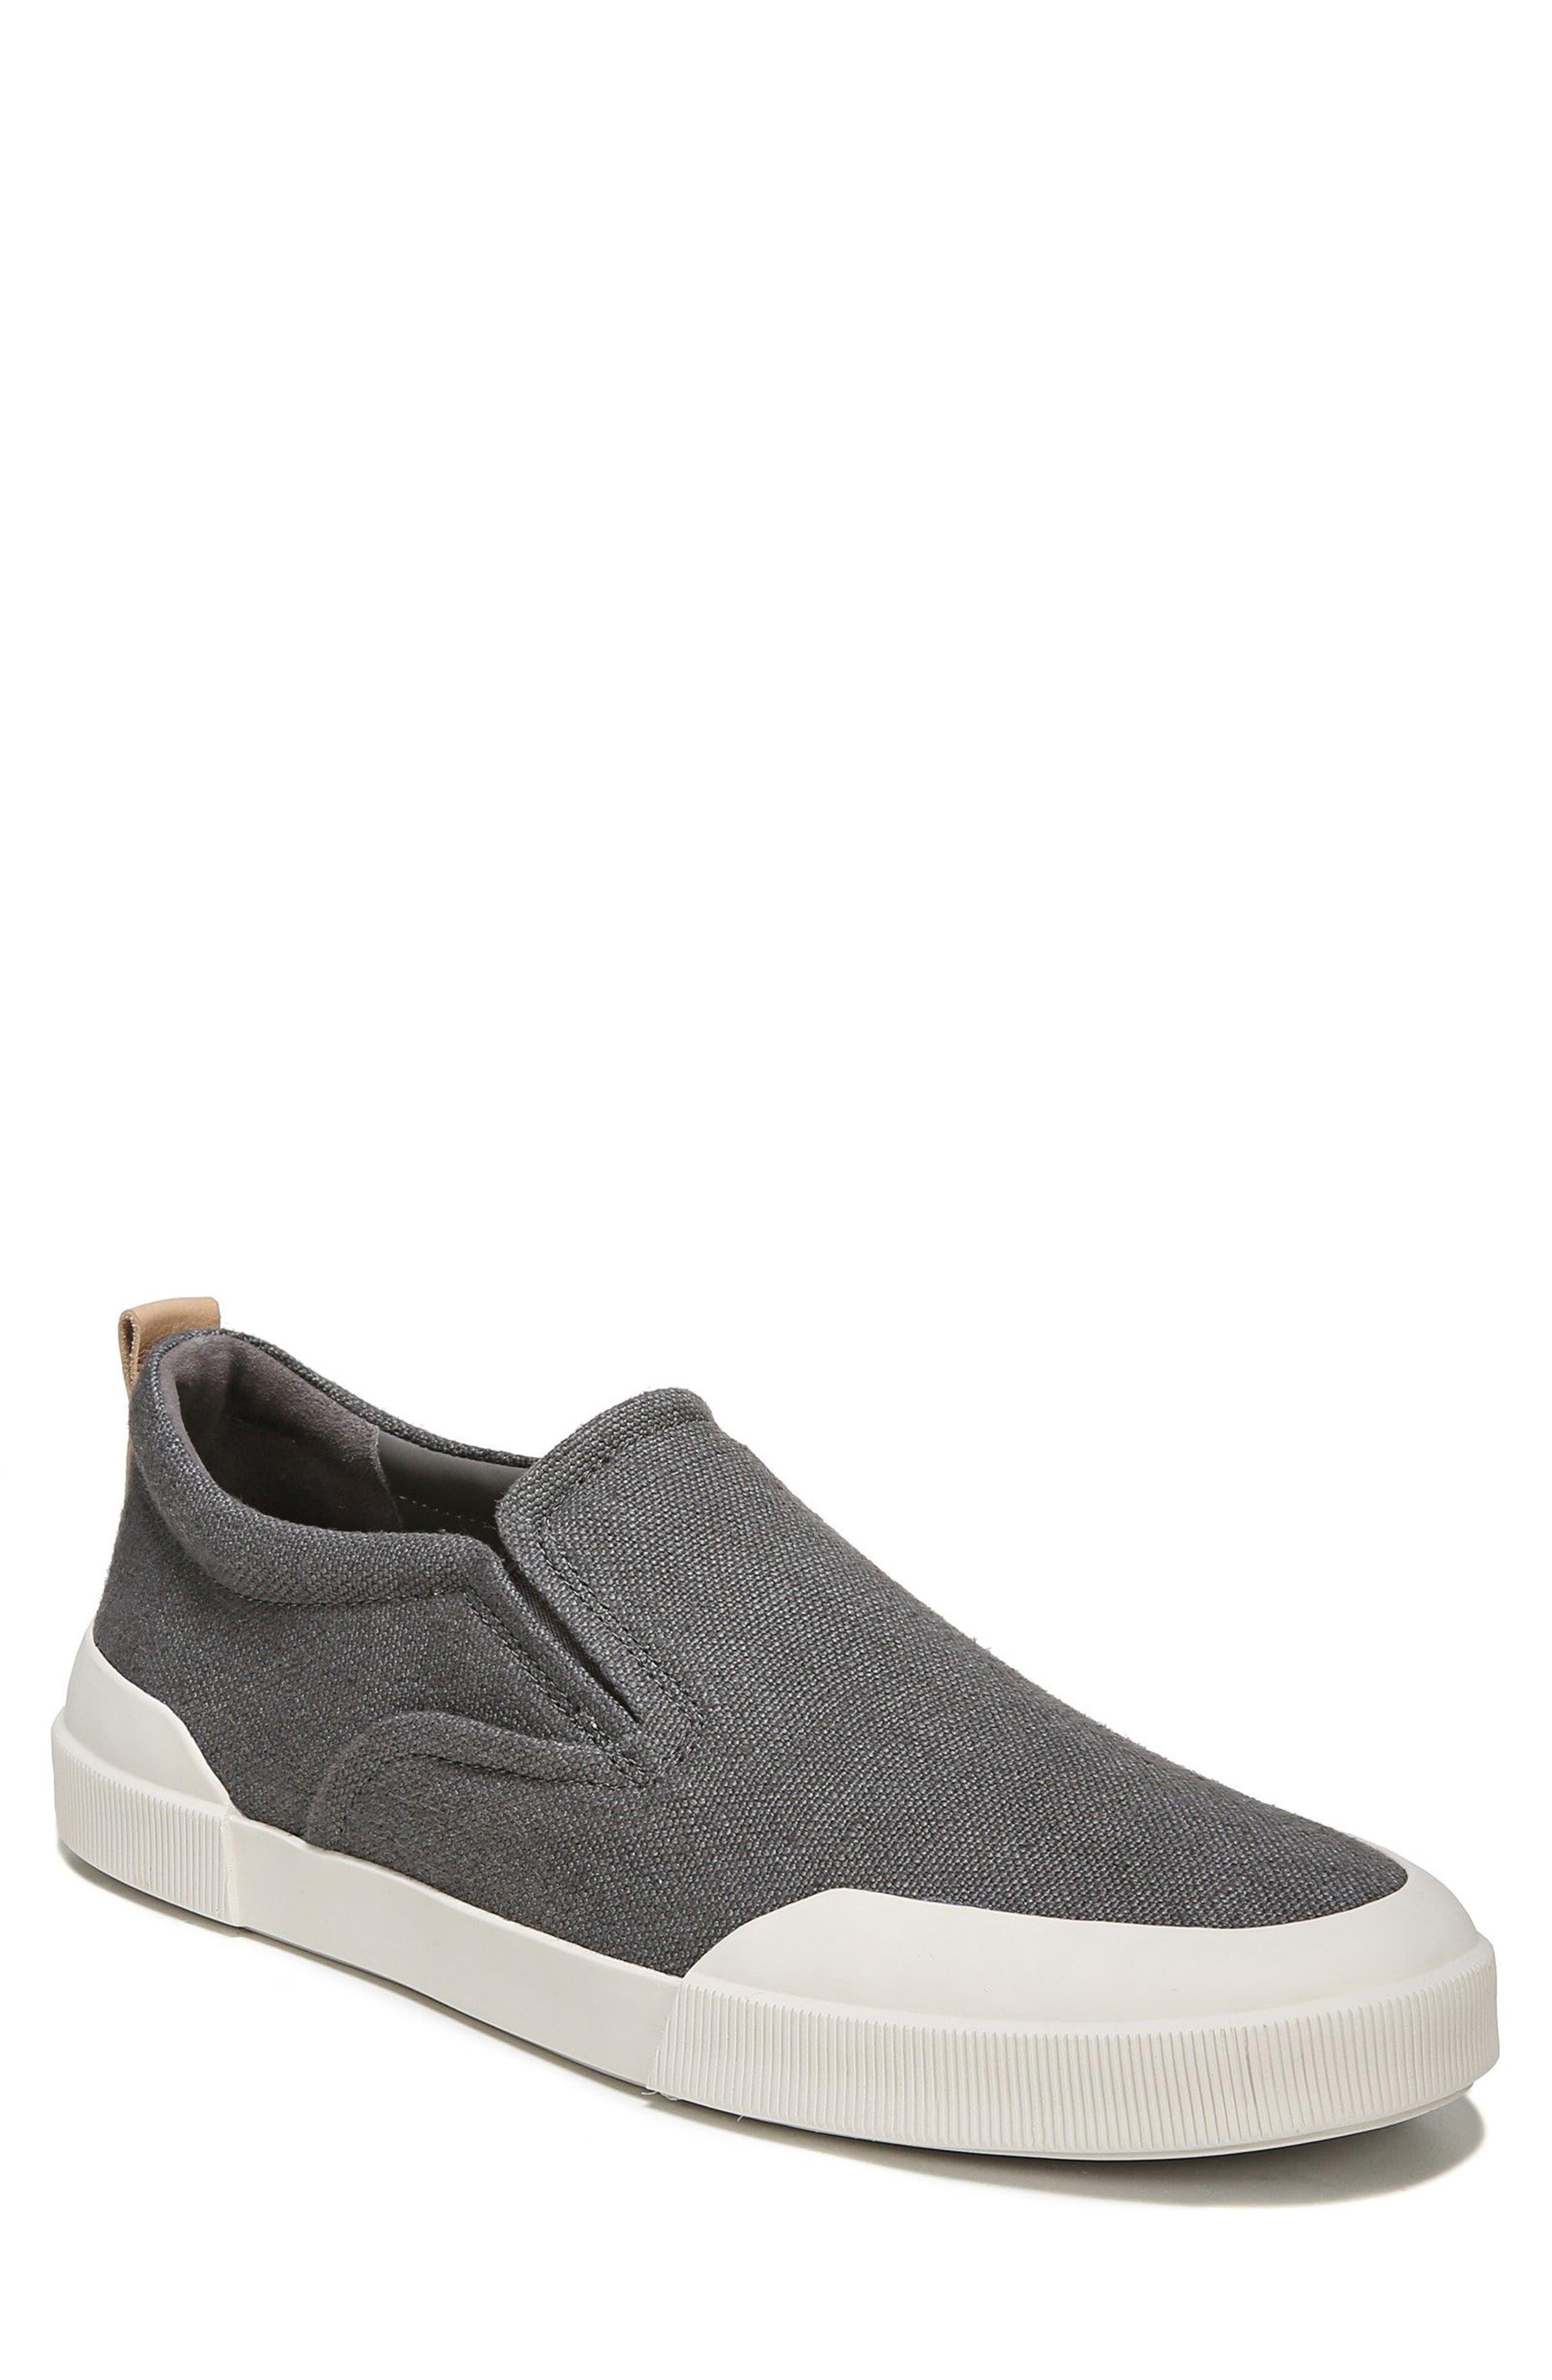 Vernon Slip-On Sneaker,                             Main thumbnail 1, color,